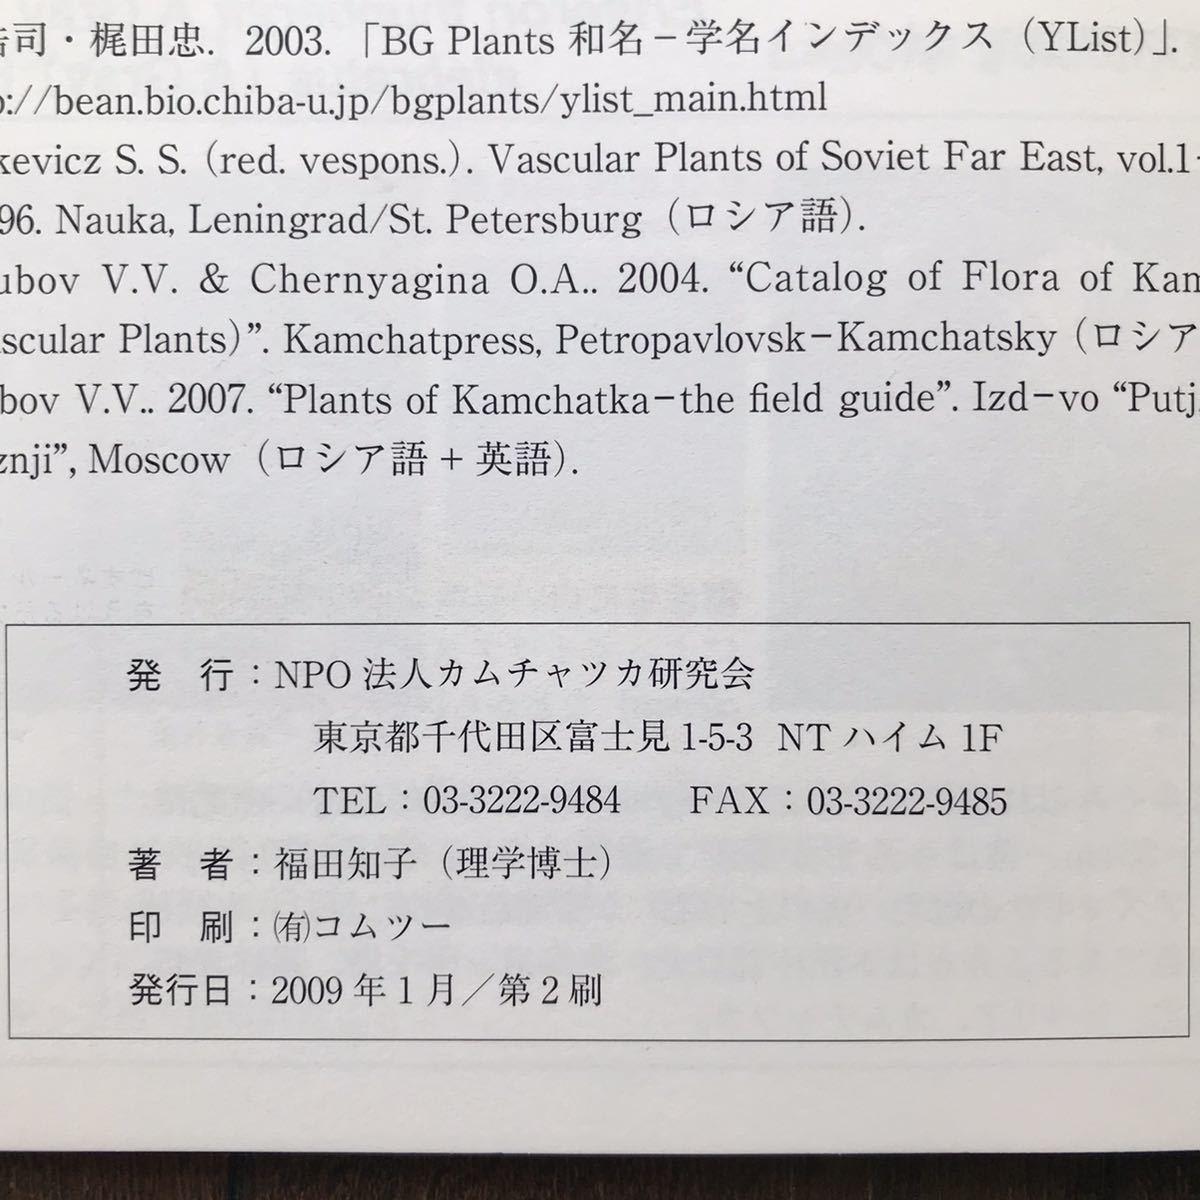 小冊子「カムチャツカの花」アバチャ山の植物を中心に★NPO法人カムチャツカ研究会★2009年発行_画像5